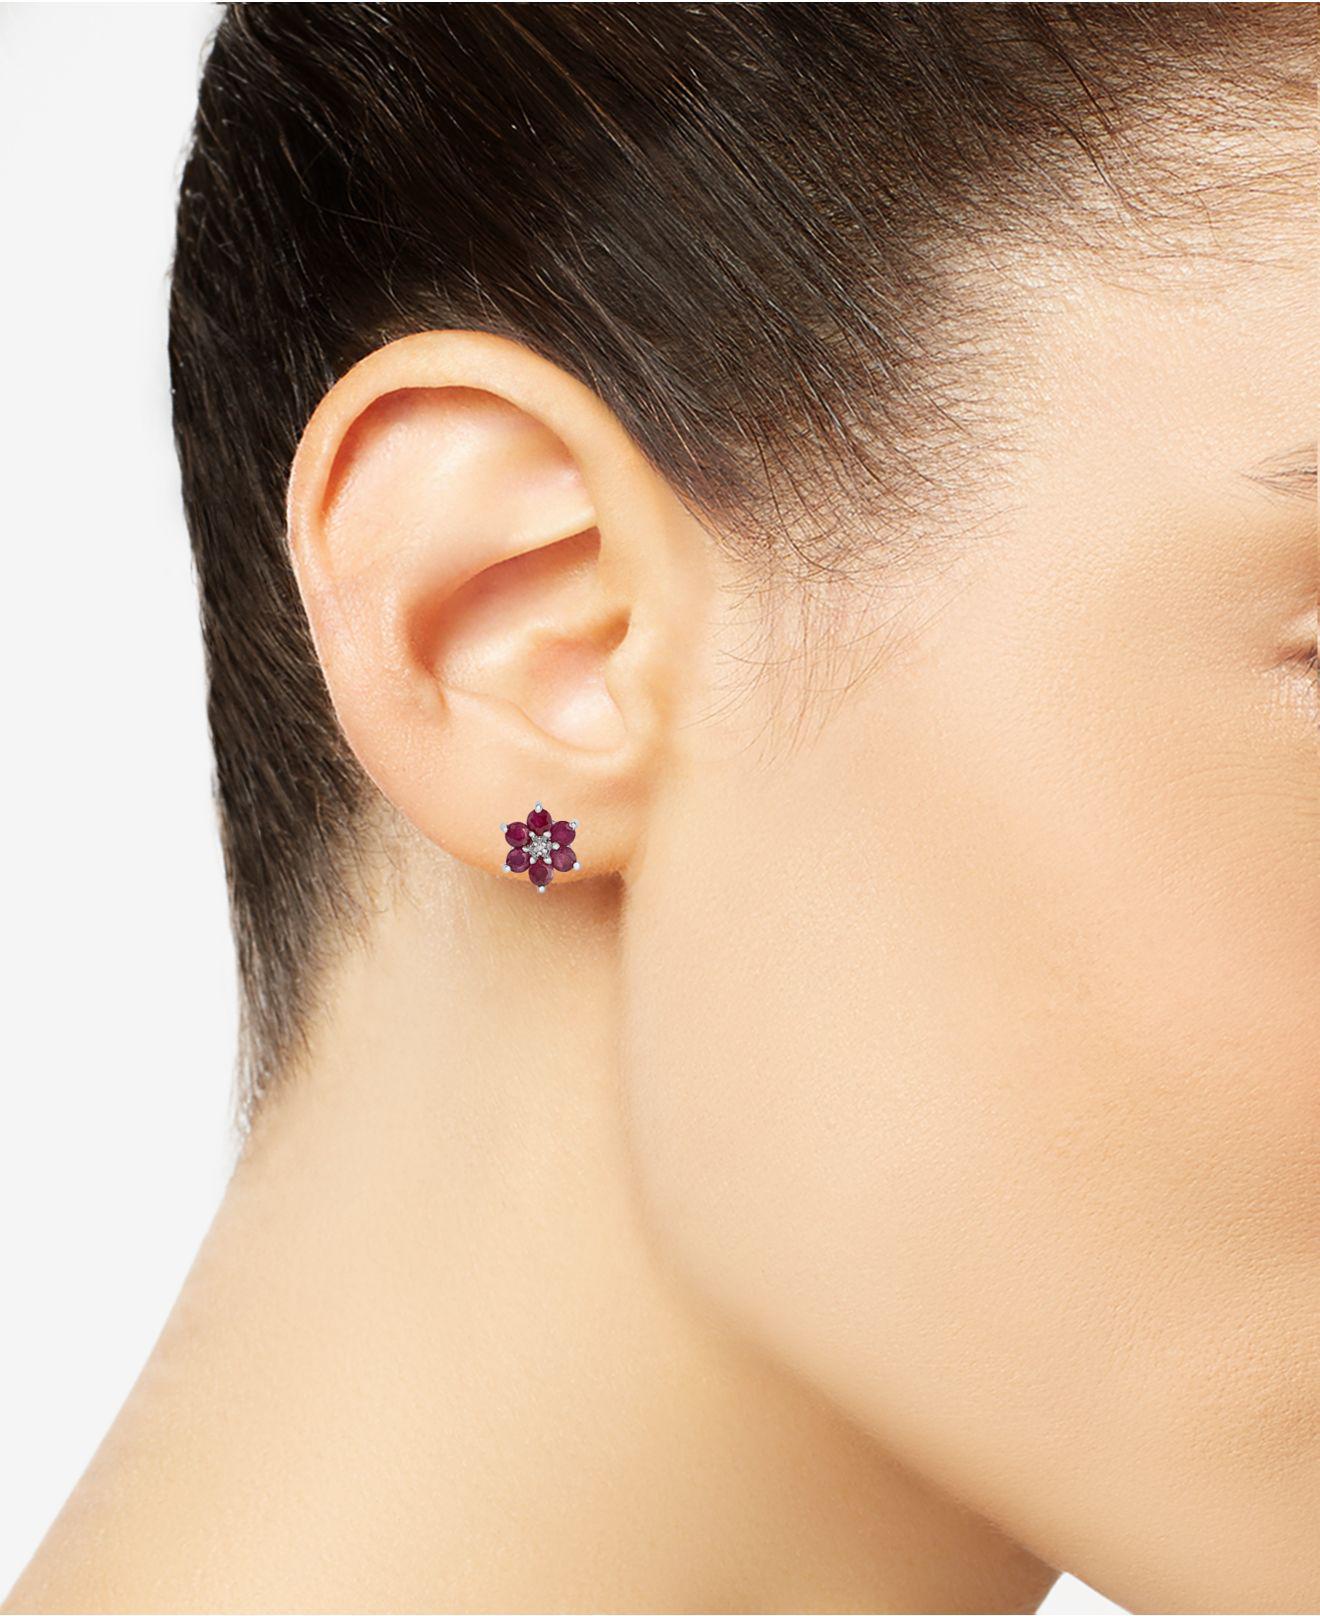 648cdf23d2c9d Women's Metallic Ruby (1-3/4 Ct. T.w.) & Diamond Accent Flower Stud  Earrings In Sterling Silver